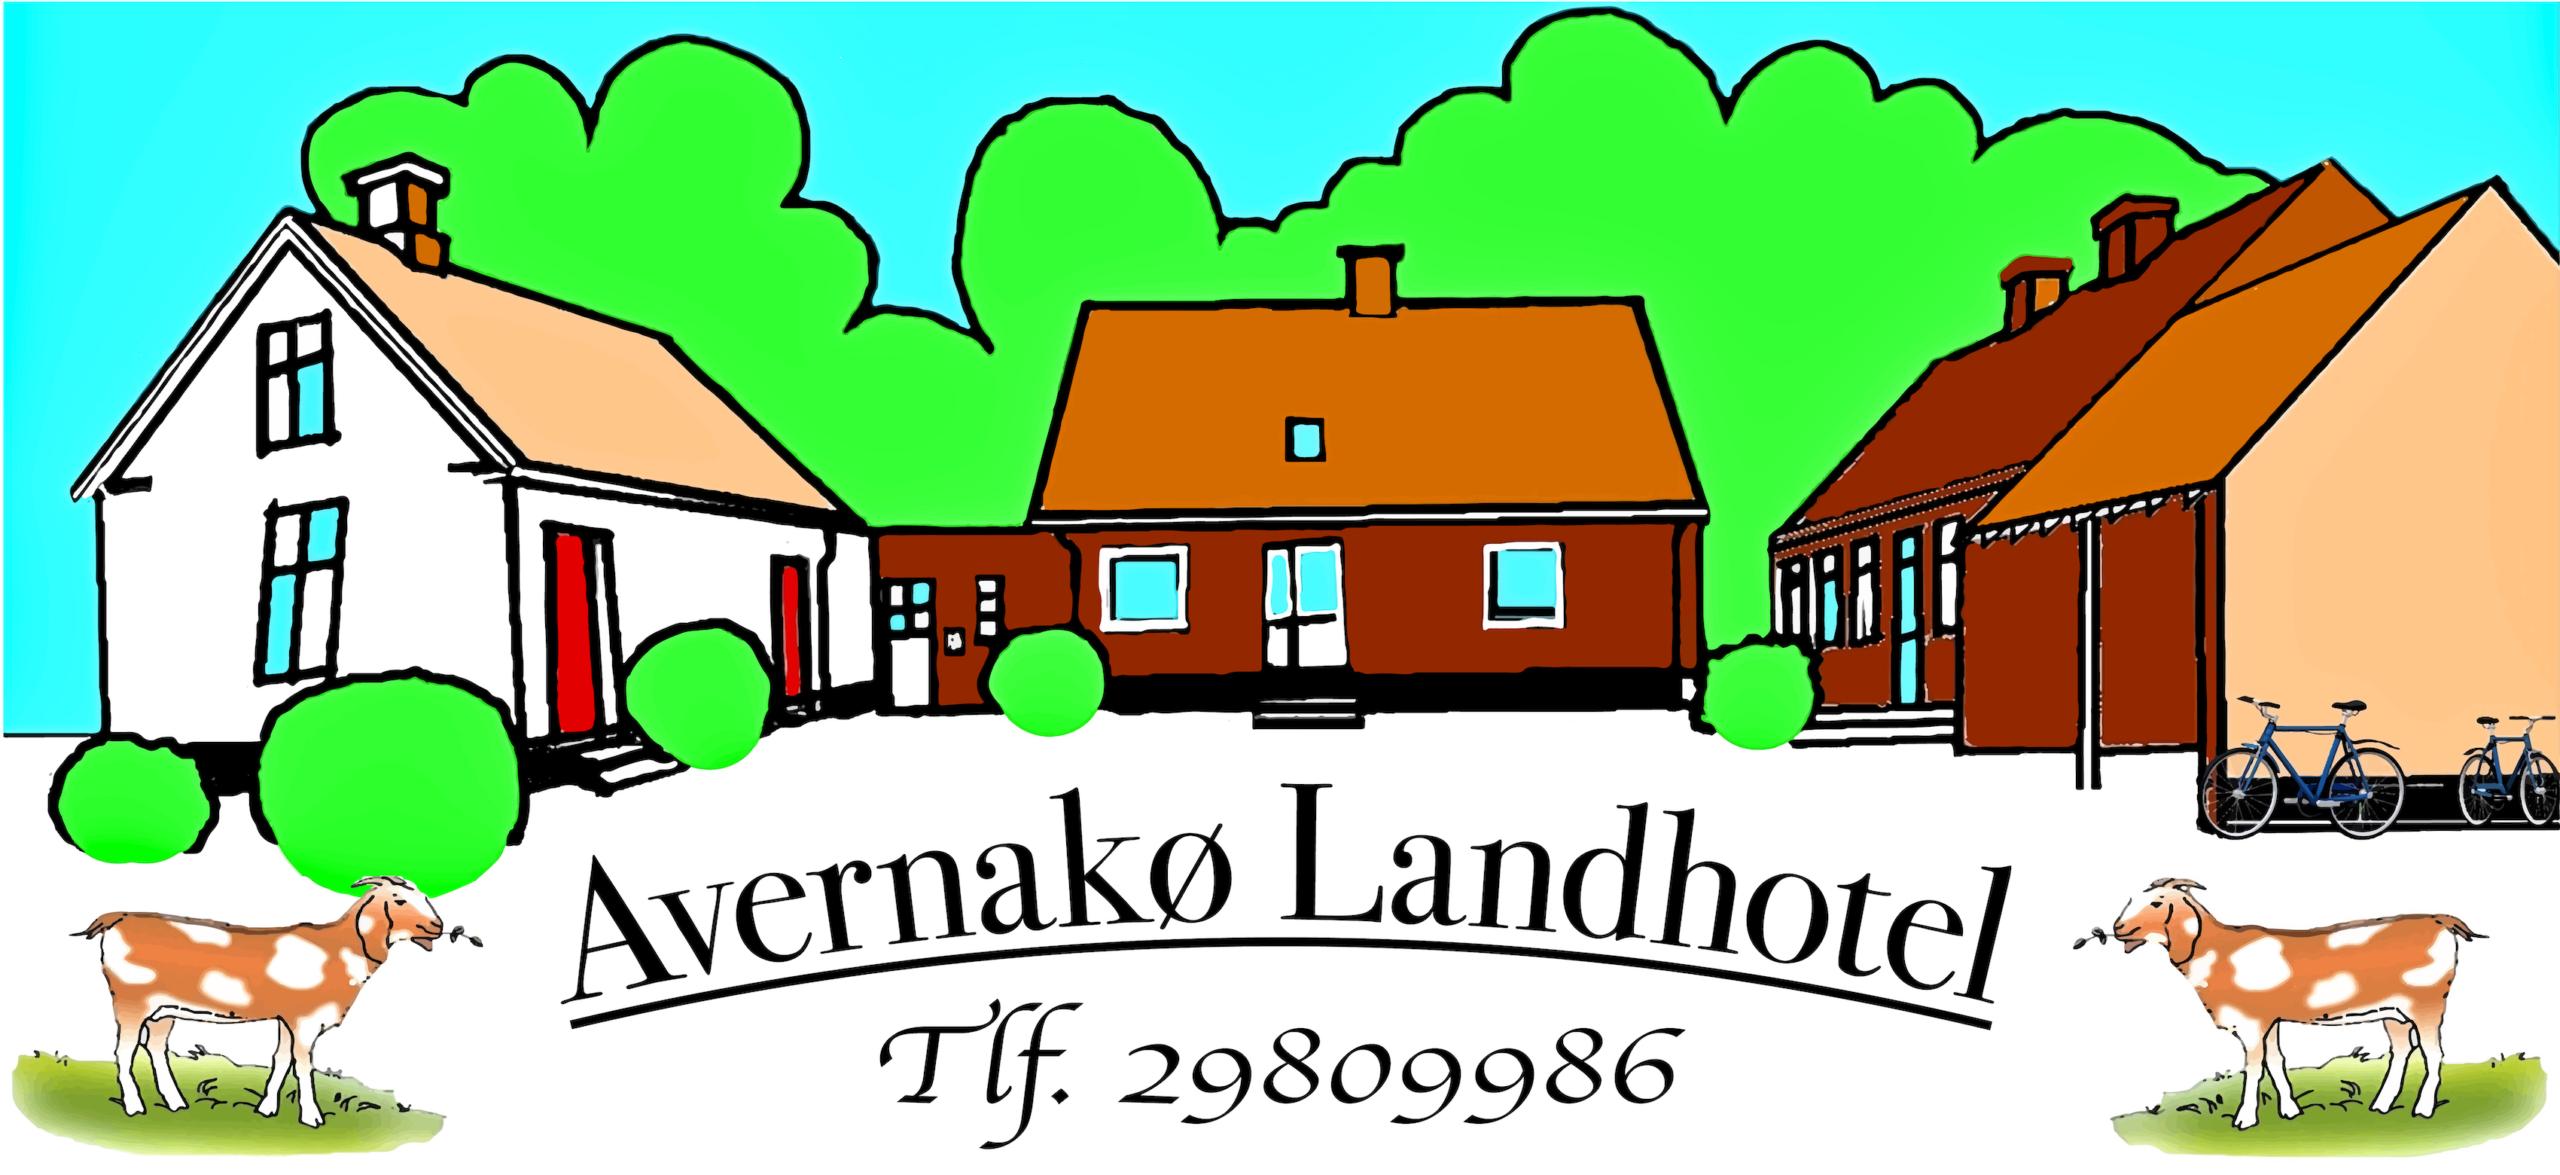 Avernakø Landhotel